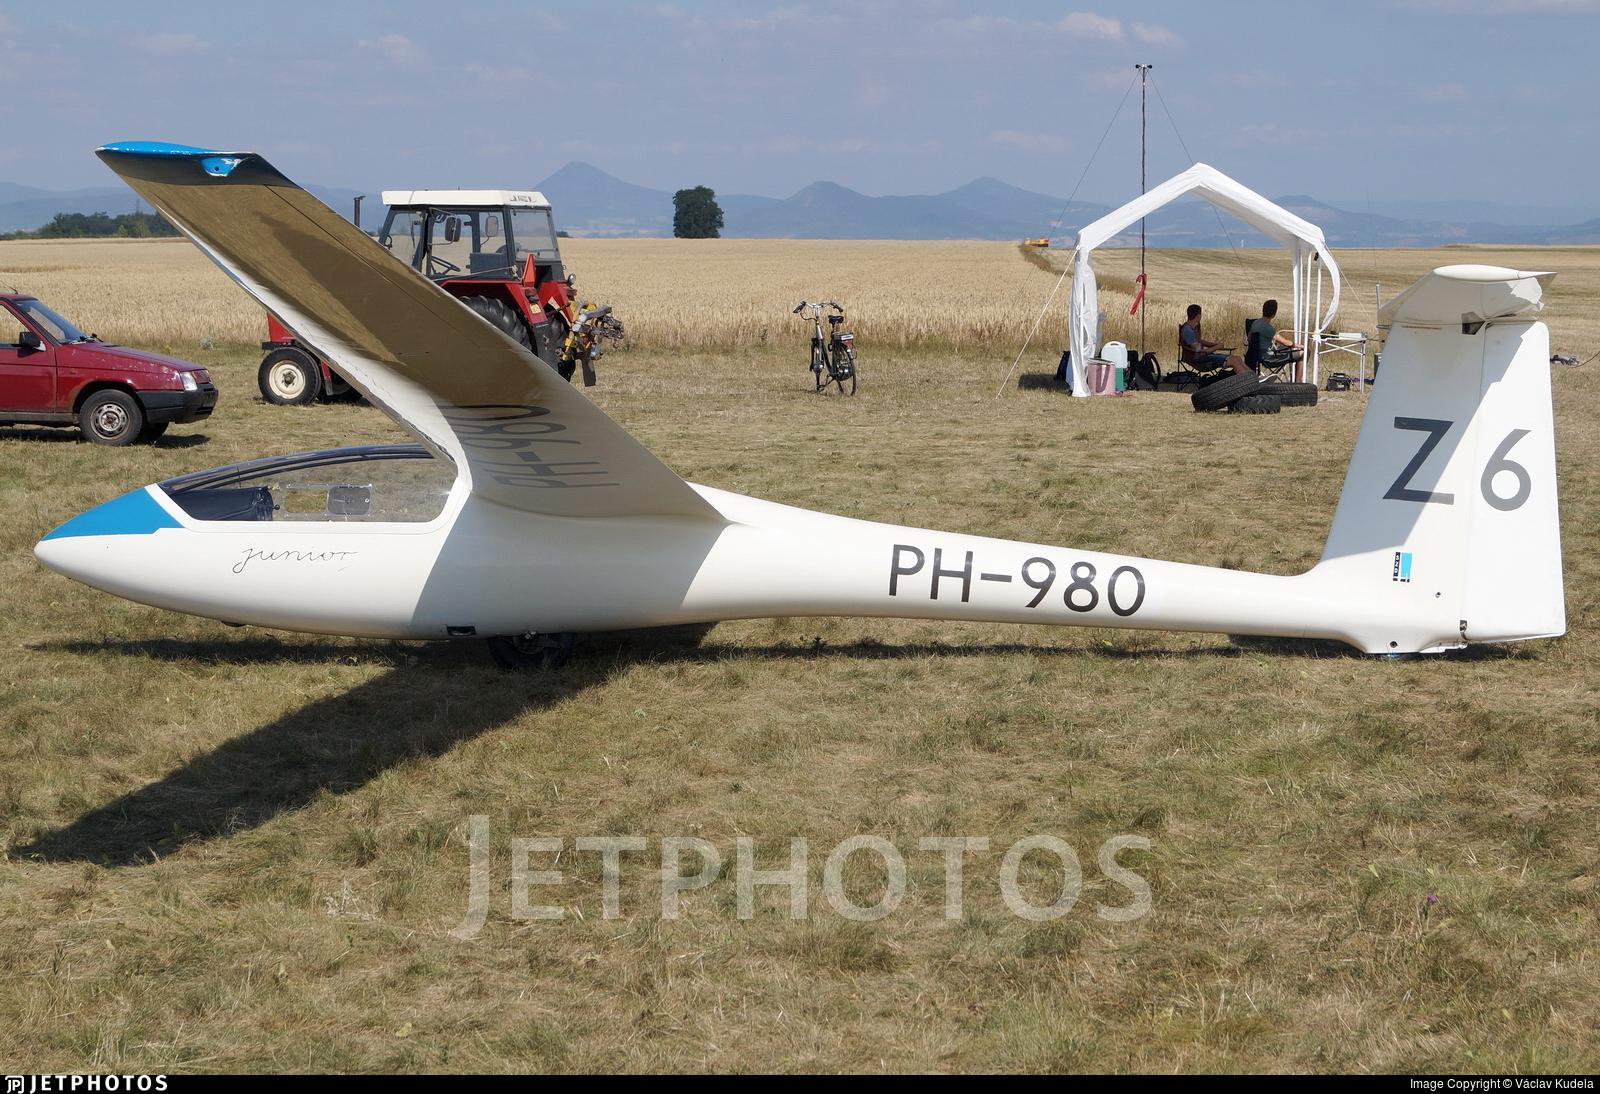 PH-980 - SZD 51-1 Junior - Zweefvliegclub Eindhovense Studenten